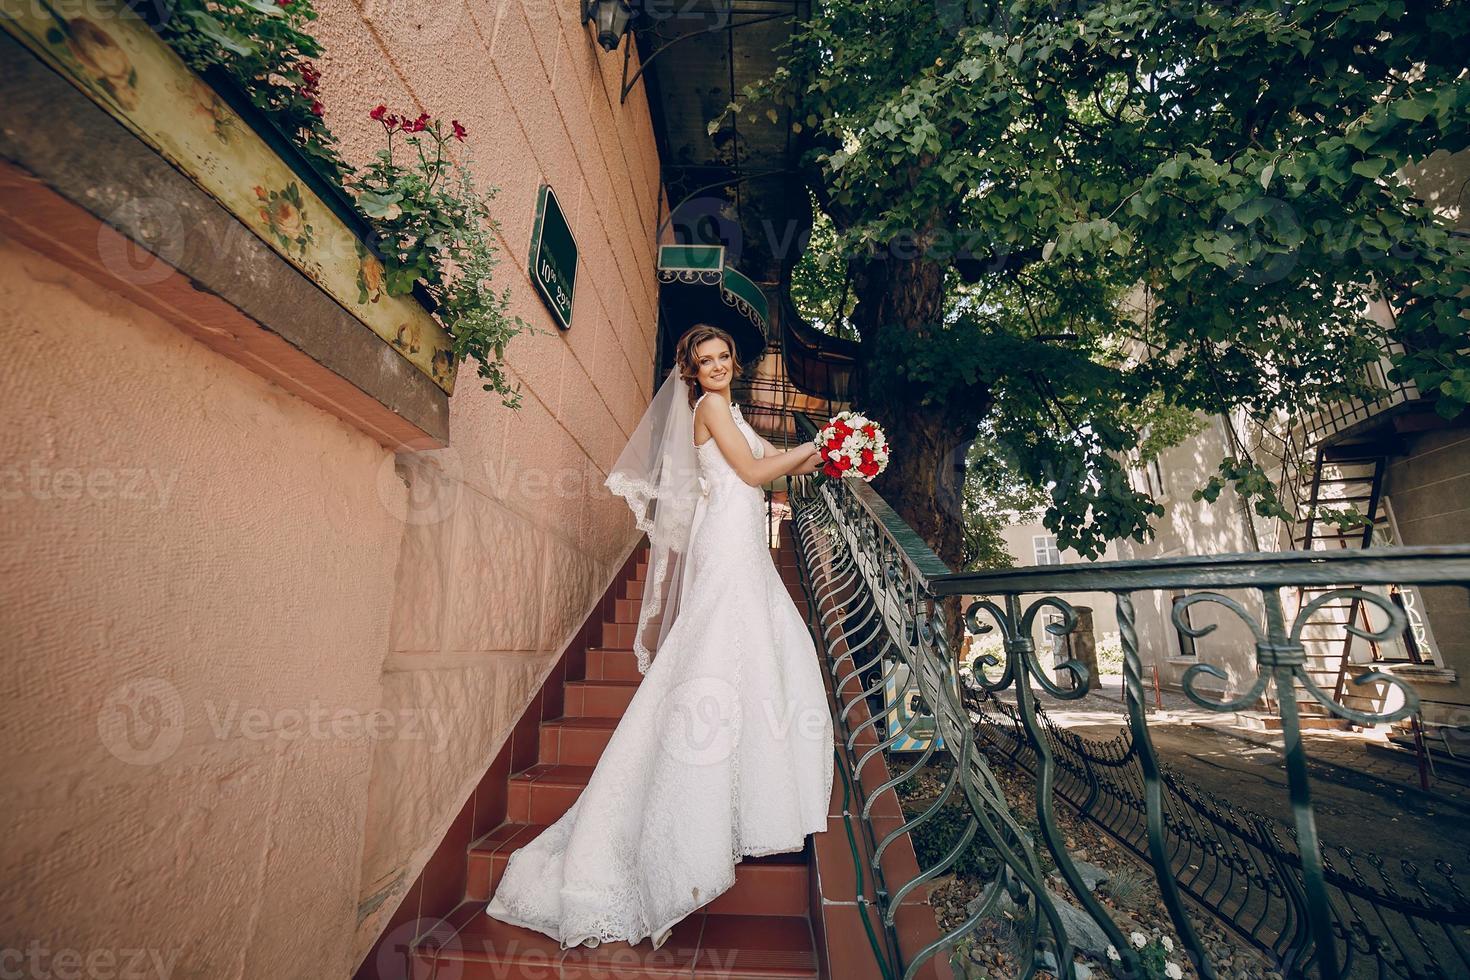 giorno delle nozze bella coppia foto